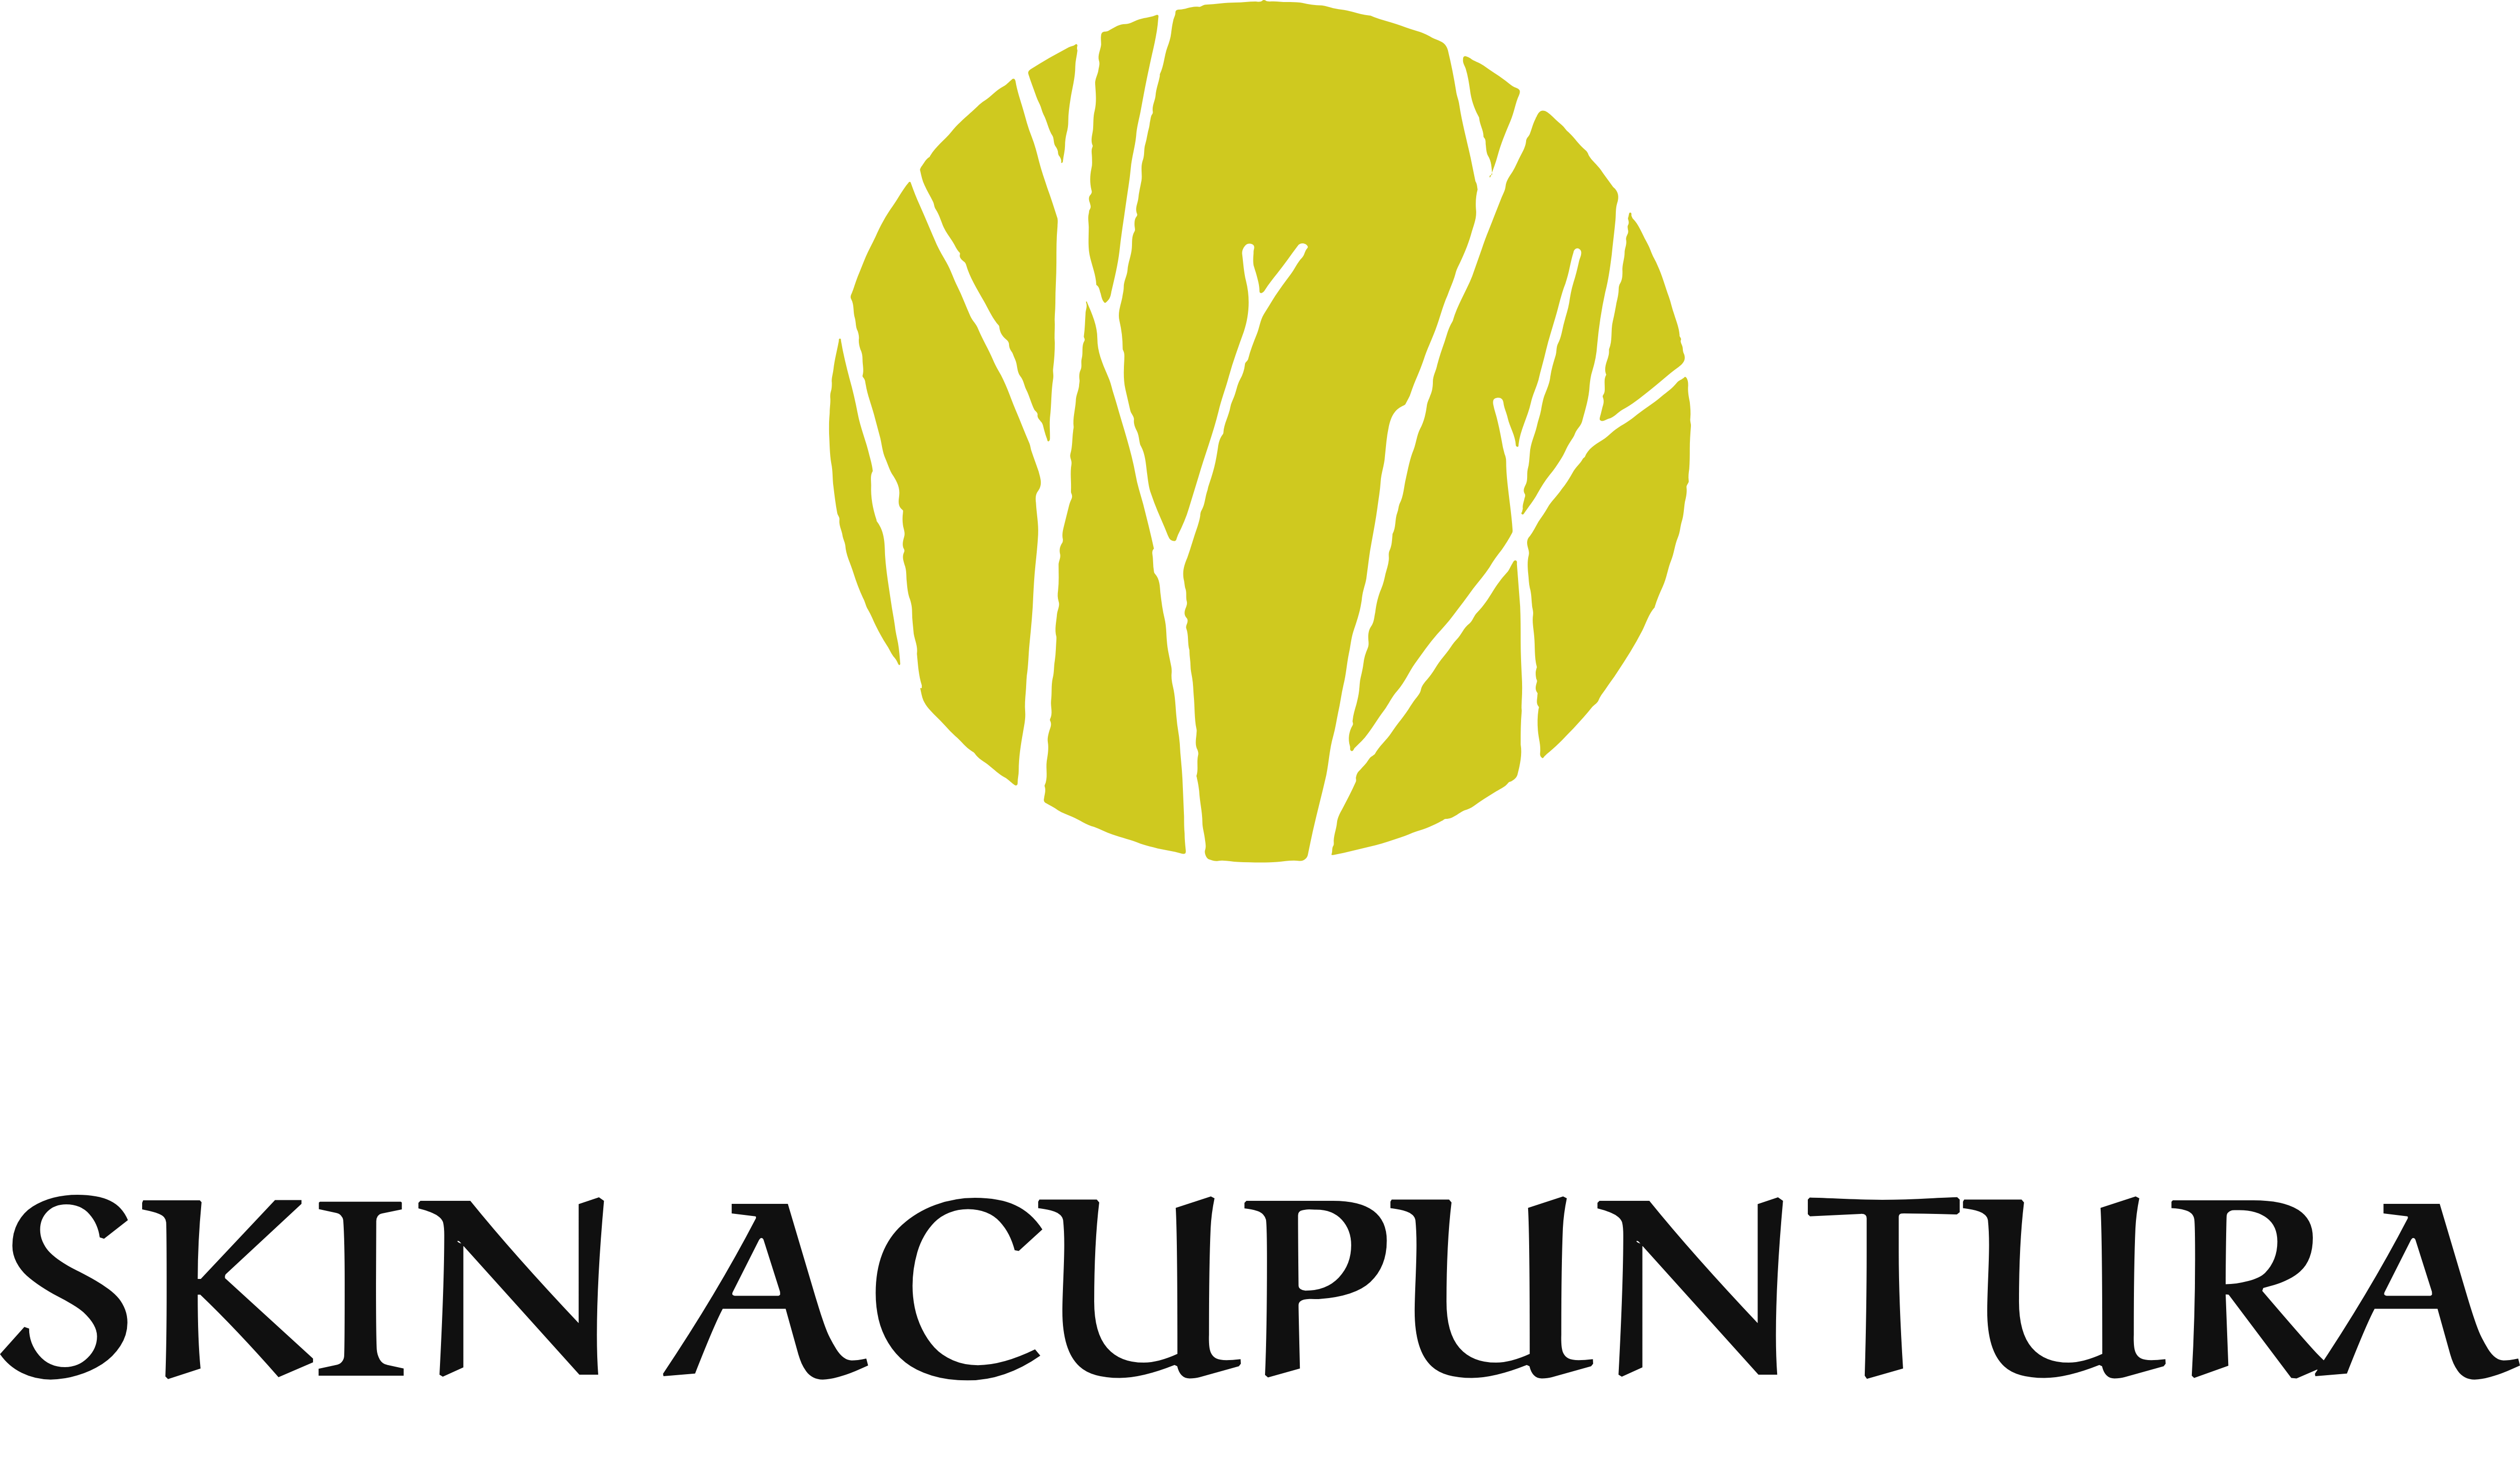 SKIN ACUPUNTURA